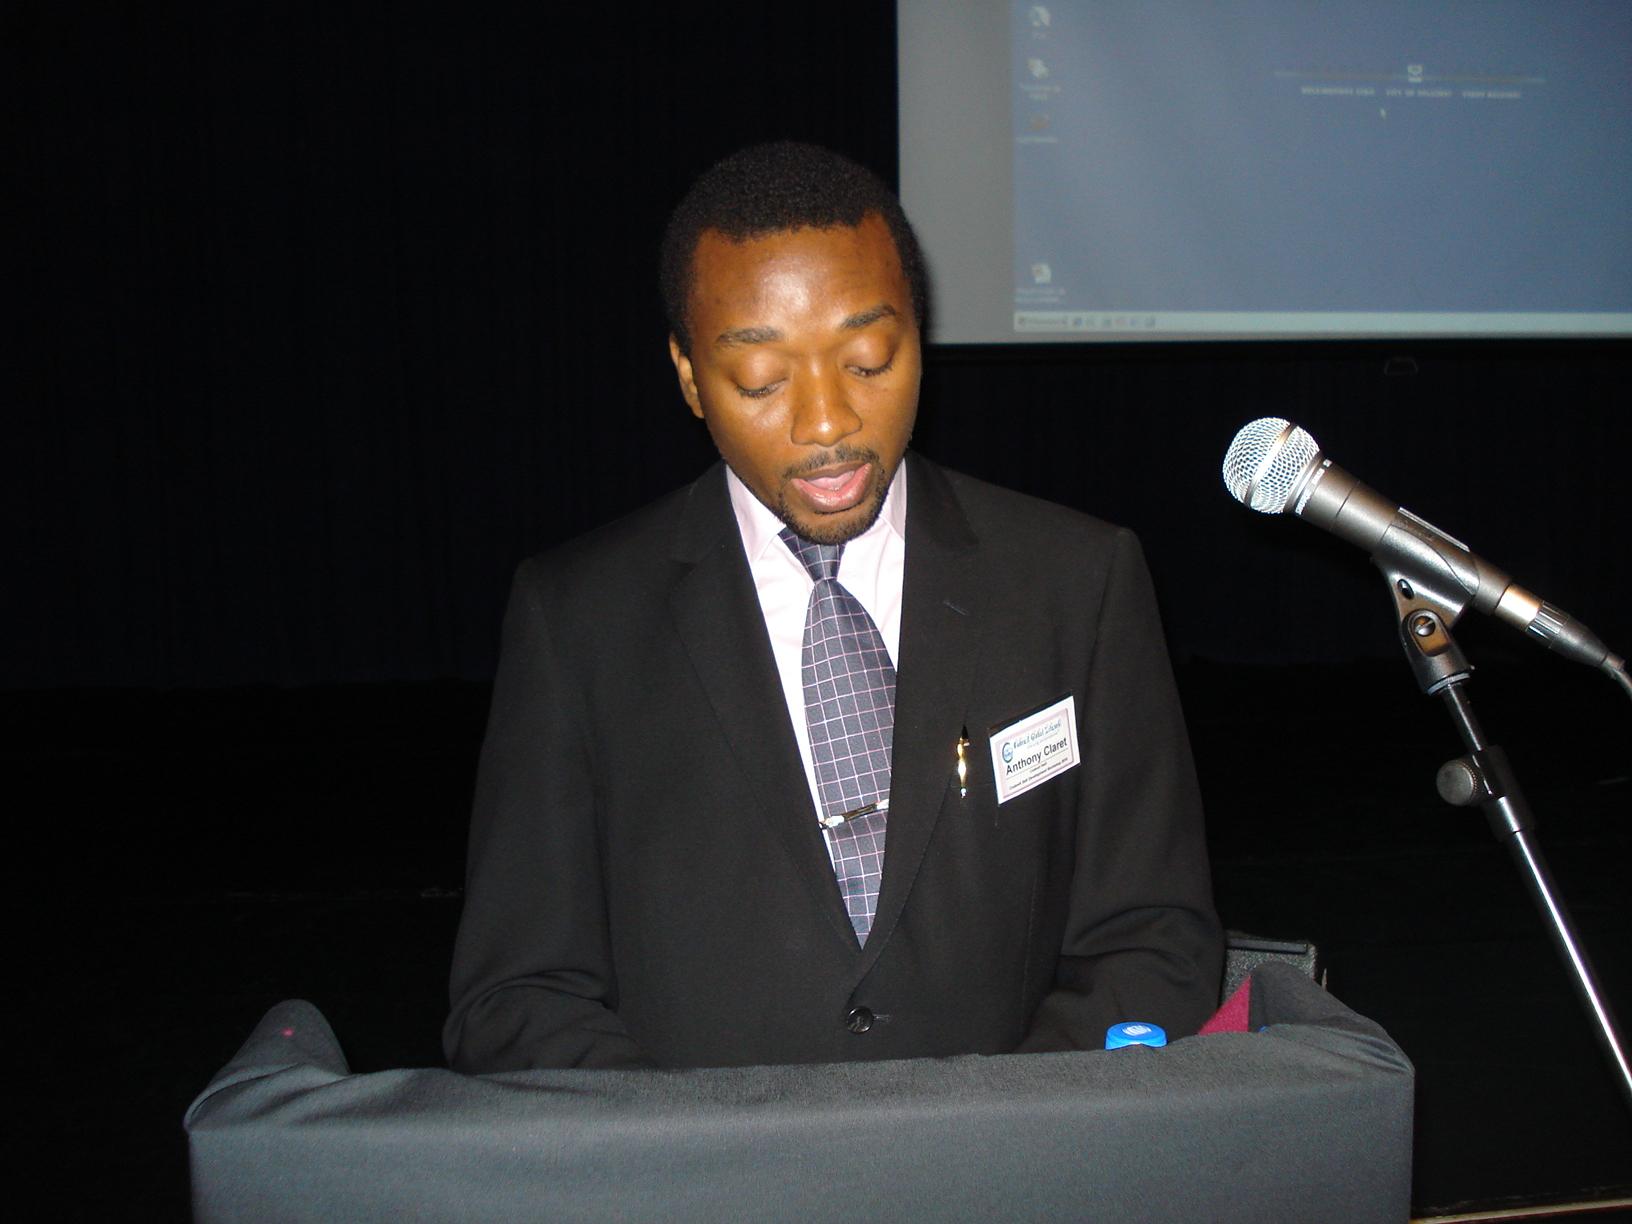 Anthony-Claret Onwutalobi giving Speech